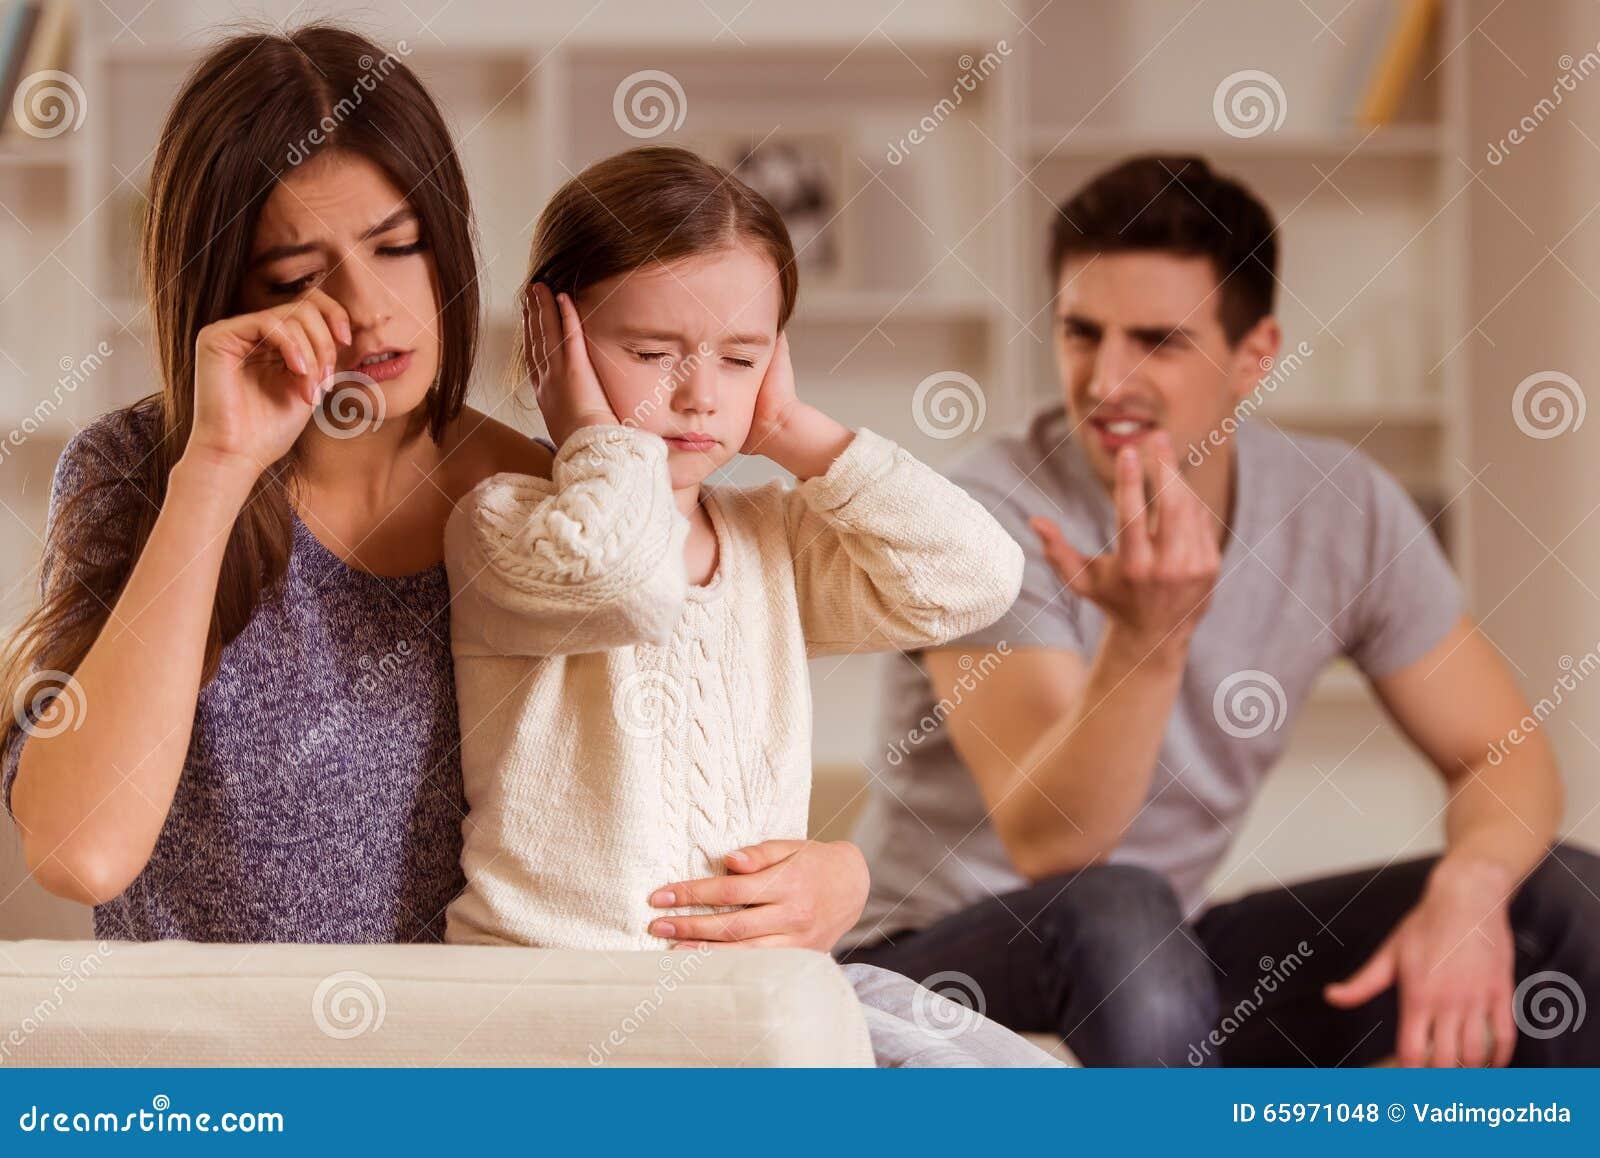 Φιλονικίες μεταξύ των γονέων